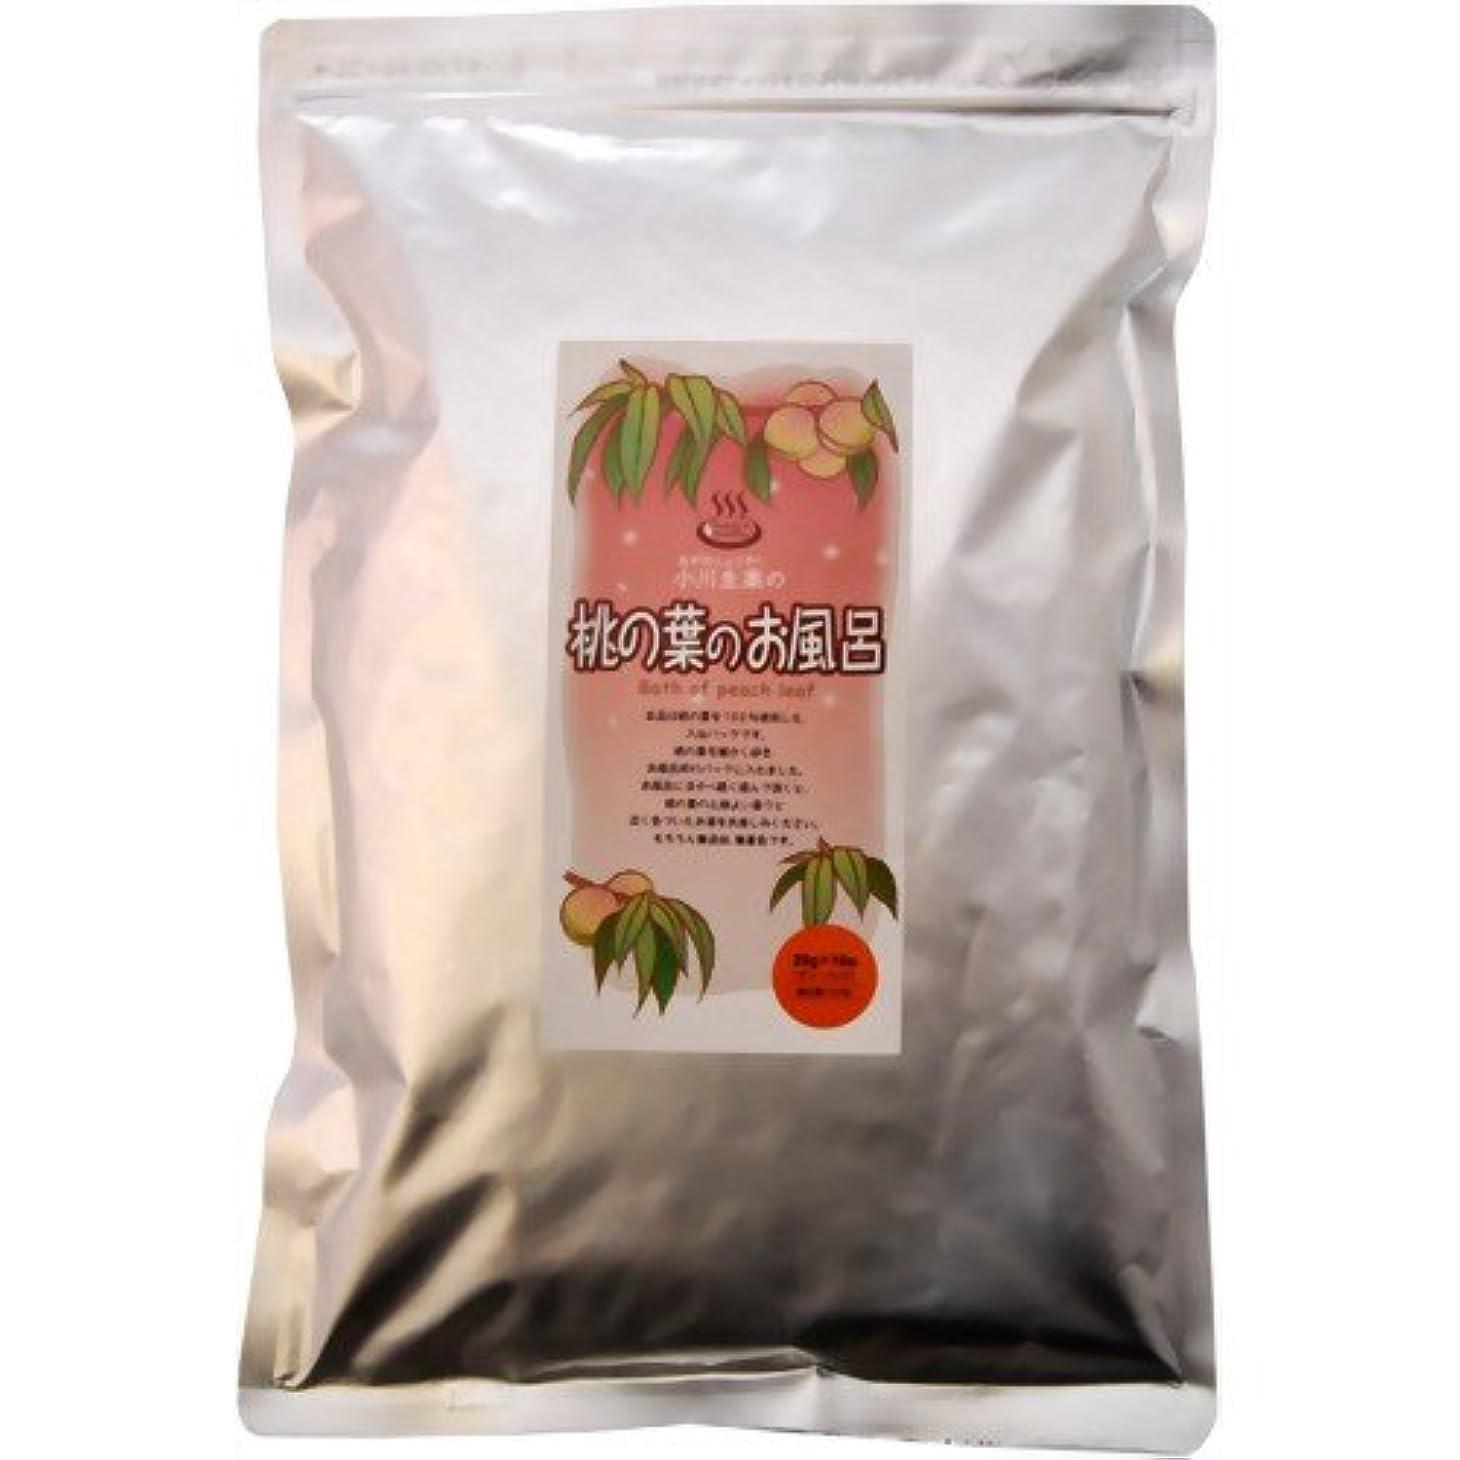 カエル笑火曜日小川生薬の桃の葉のお風呂 20g*10袋